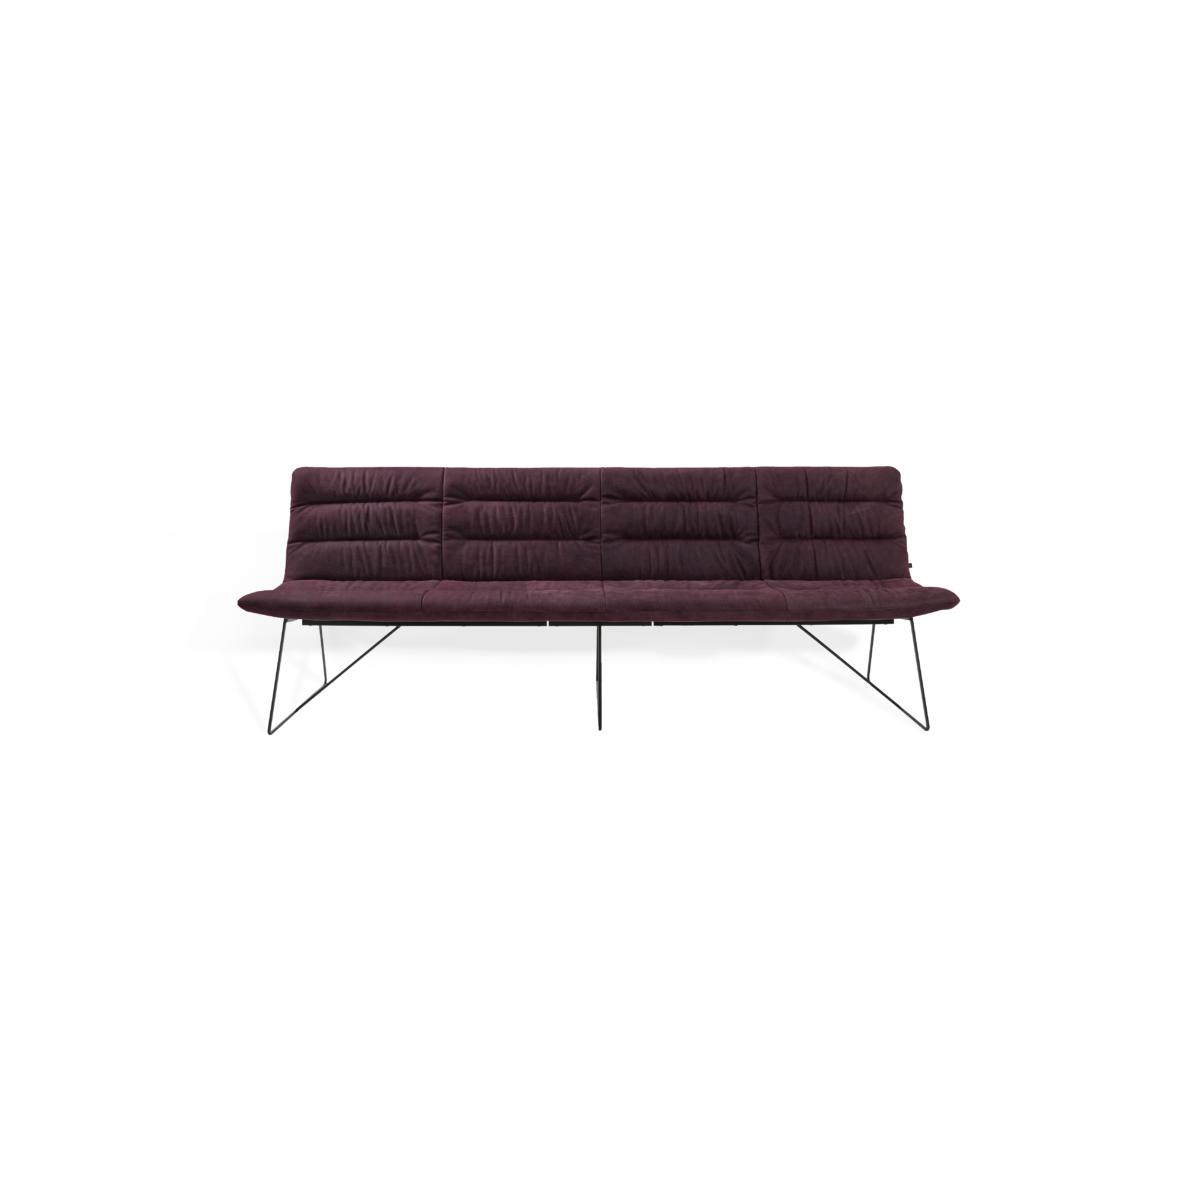 ARVA LIGHT BENCH 4er bench kuf oA pol violett KFF  3 1200x1200 - Bancheta Arva Light KFF